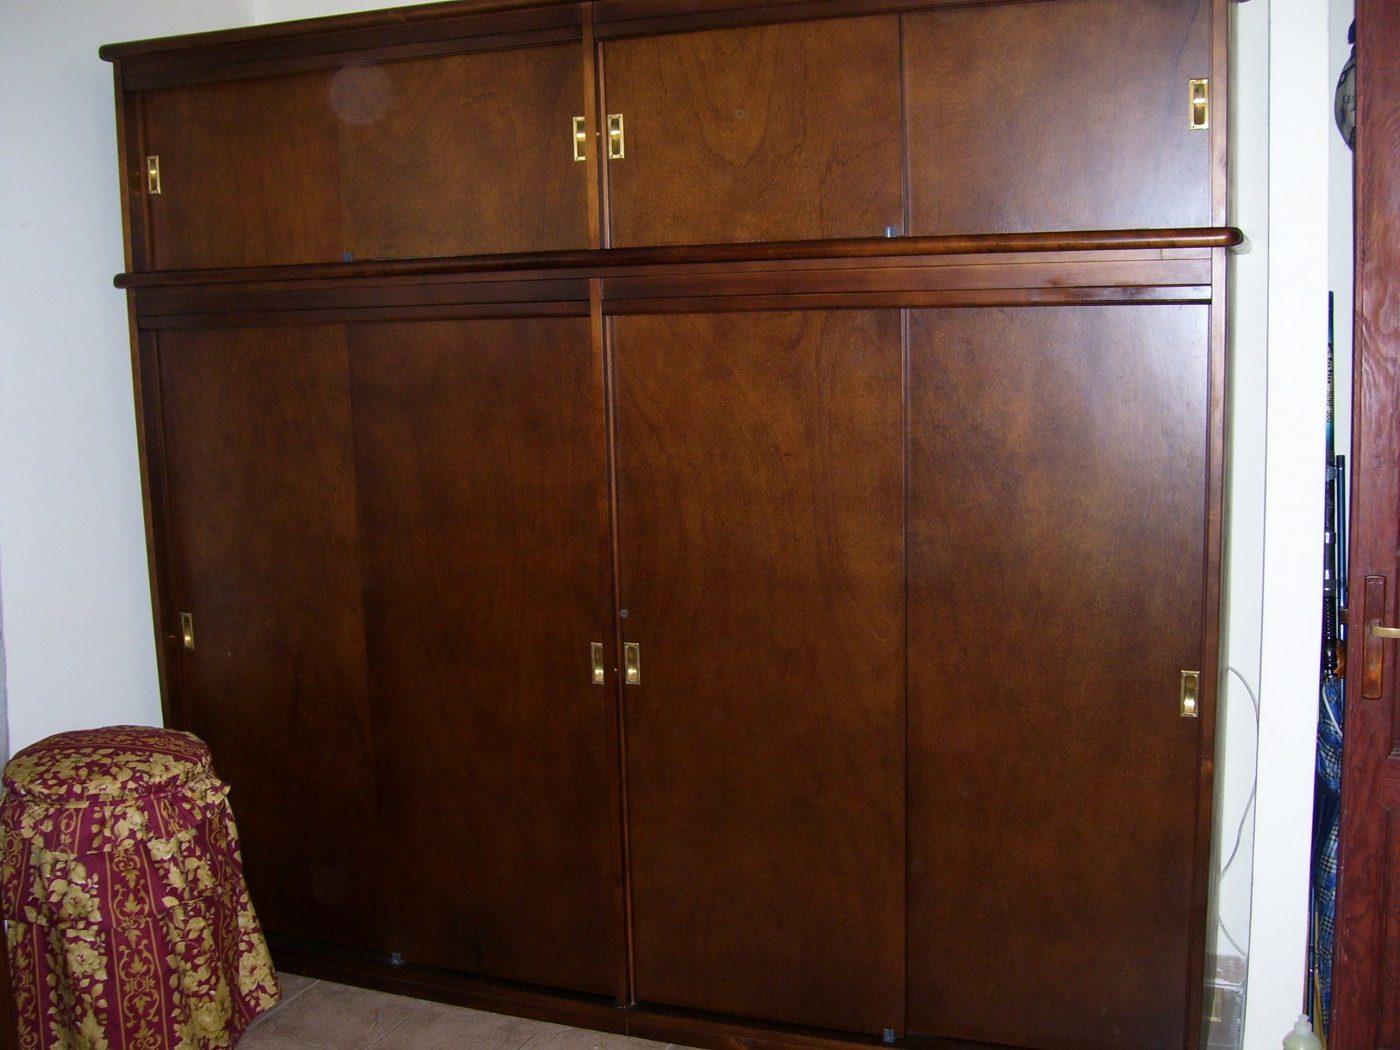 Placares de dormitorios a medida omb muebles uruguay for Muebles de dormitorio uruguay